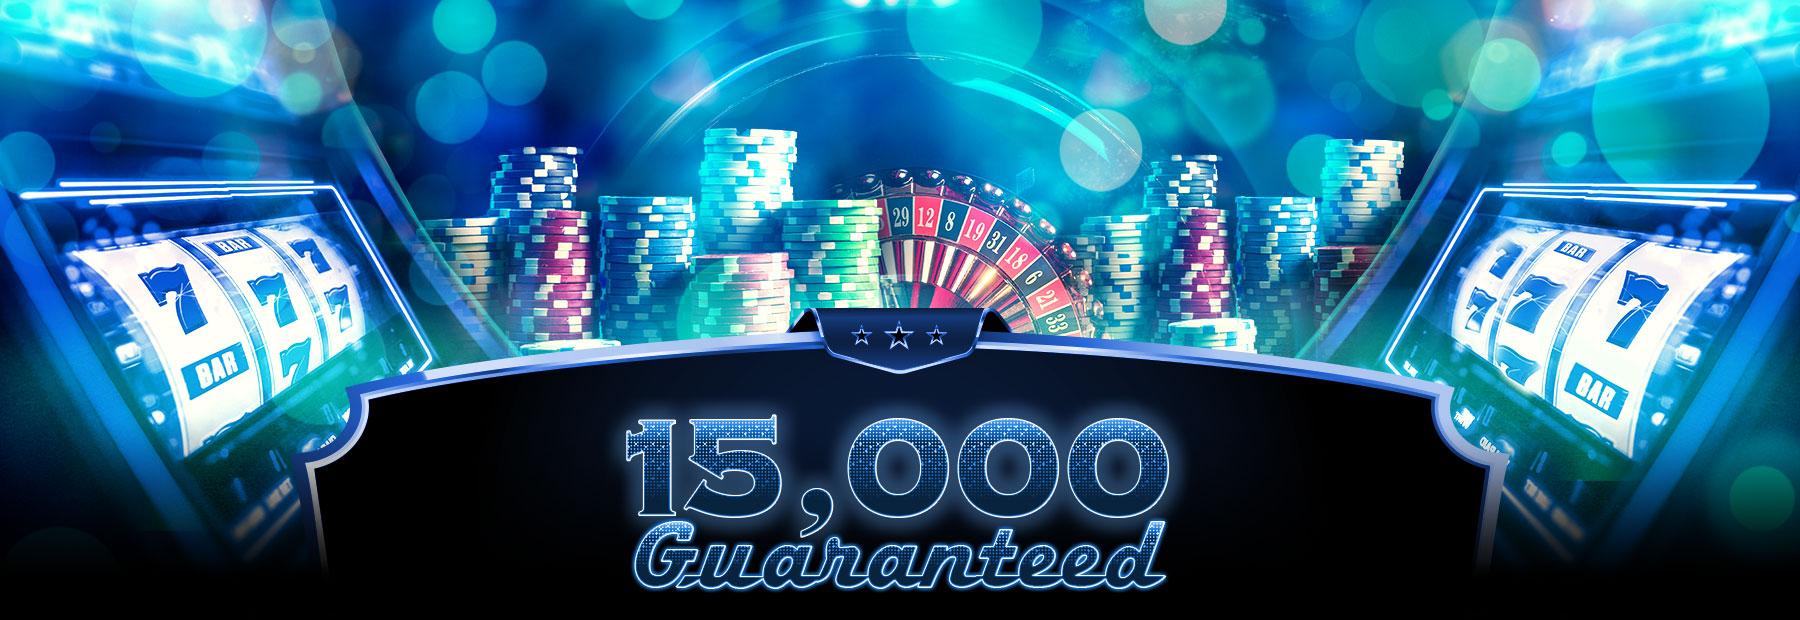 bonus winward casino